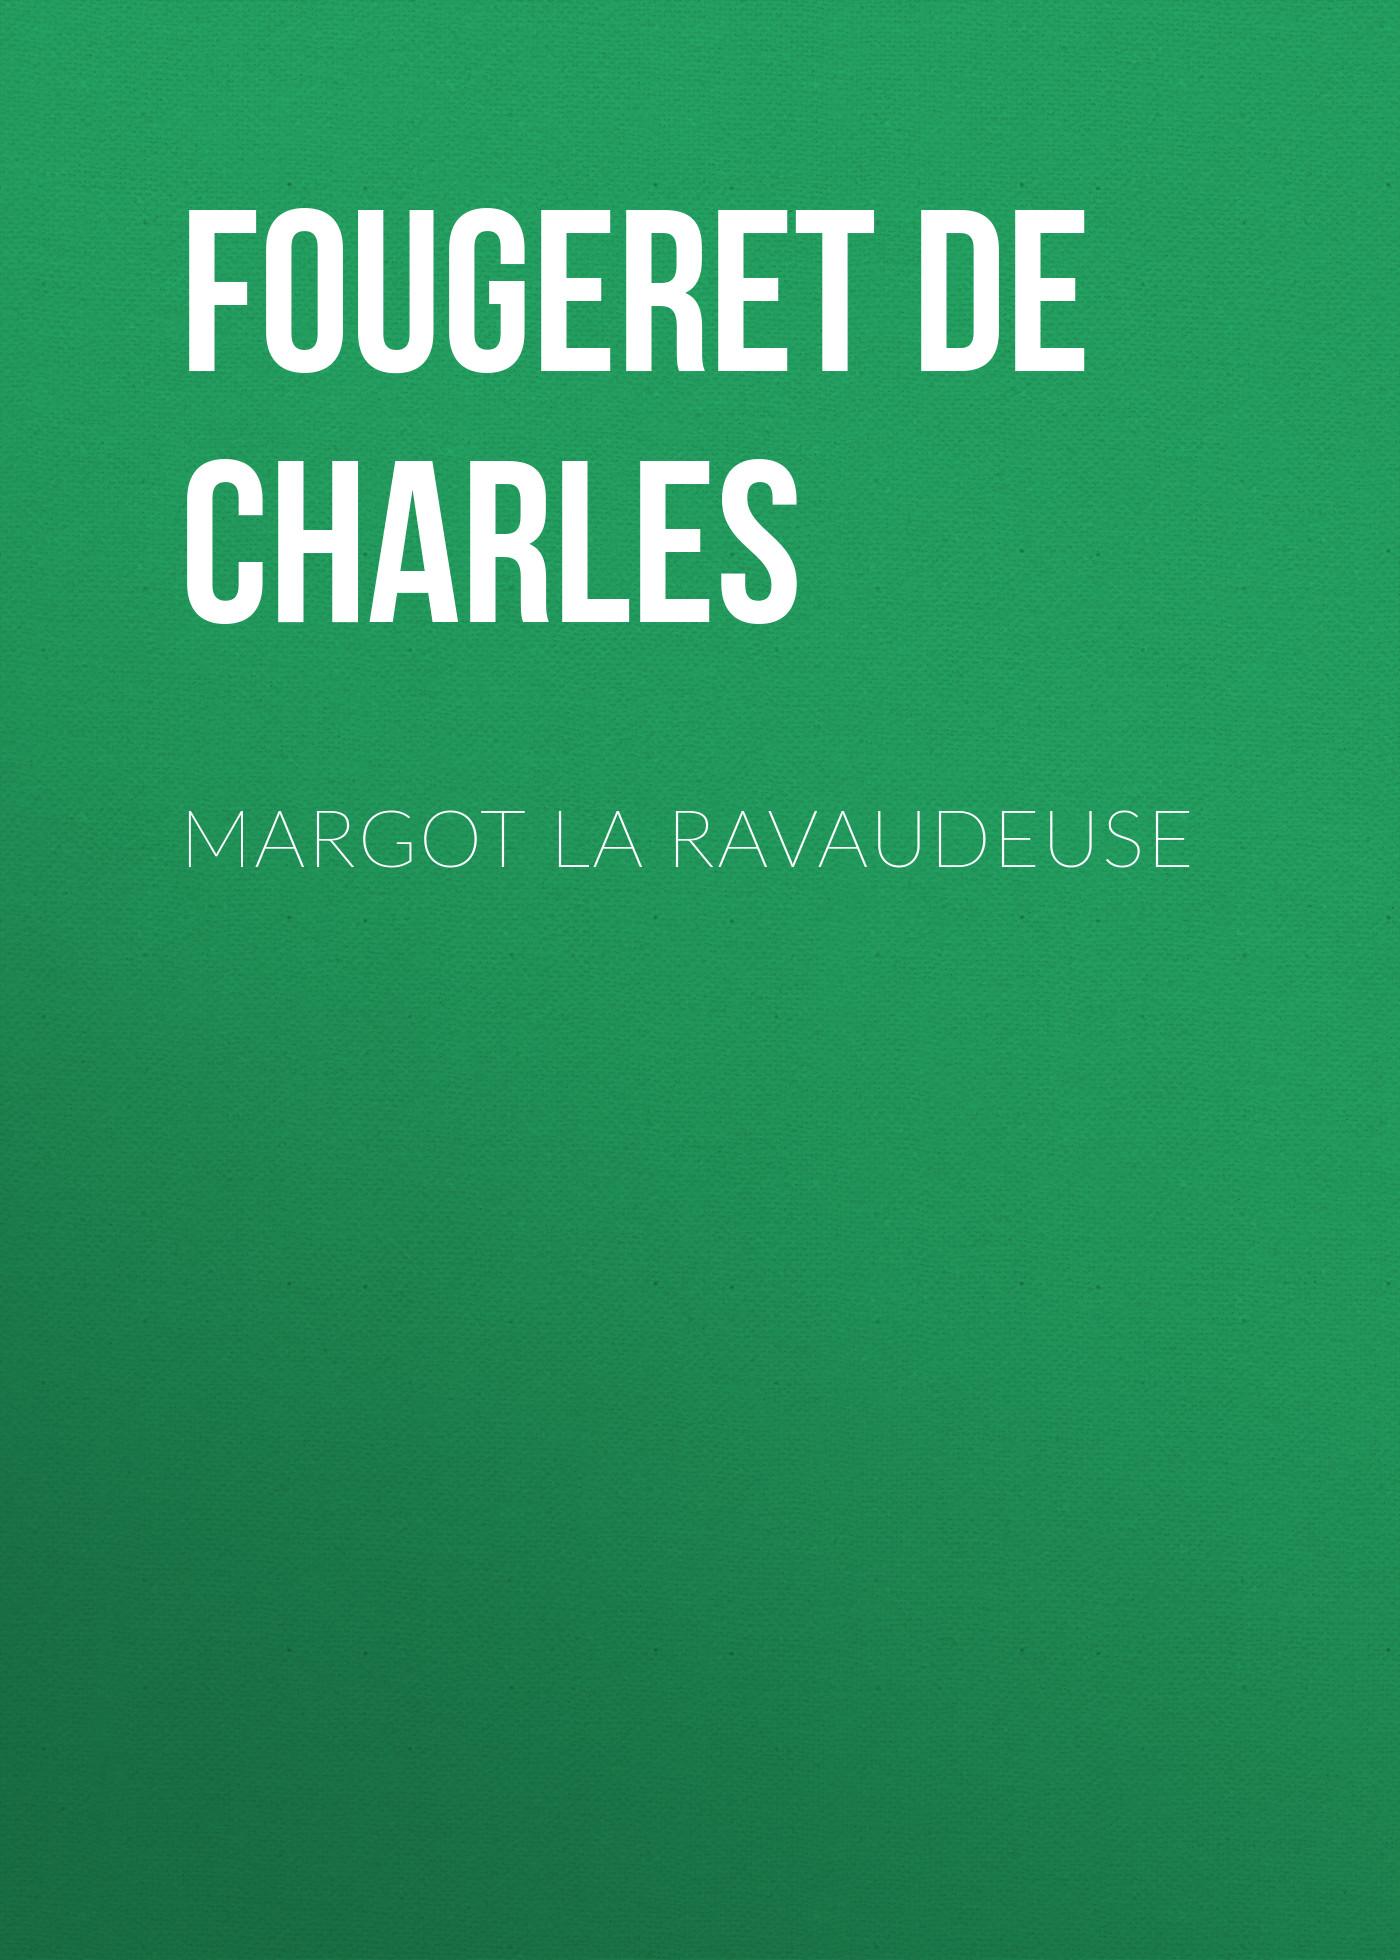 Fougeret de Monbron Louis Charles Margot la Ravaudeuse fougeret de monbron louis charles margot la ravaudeuse